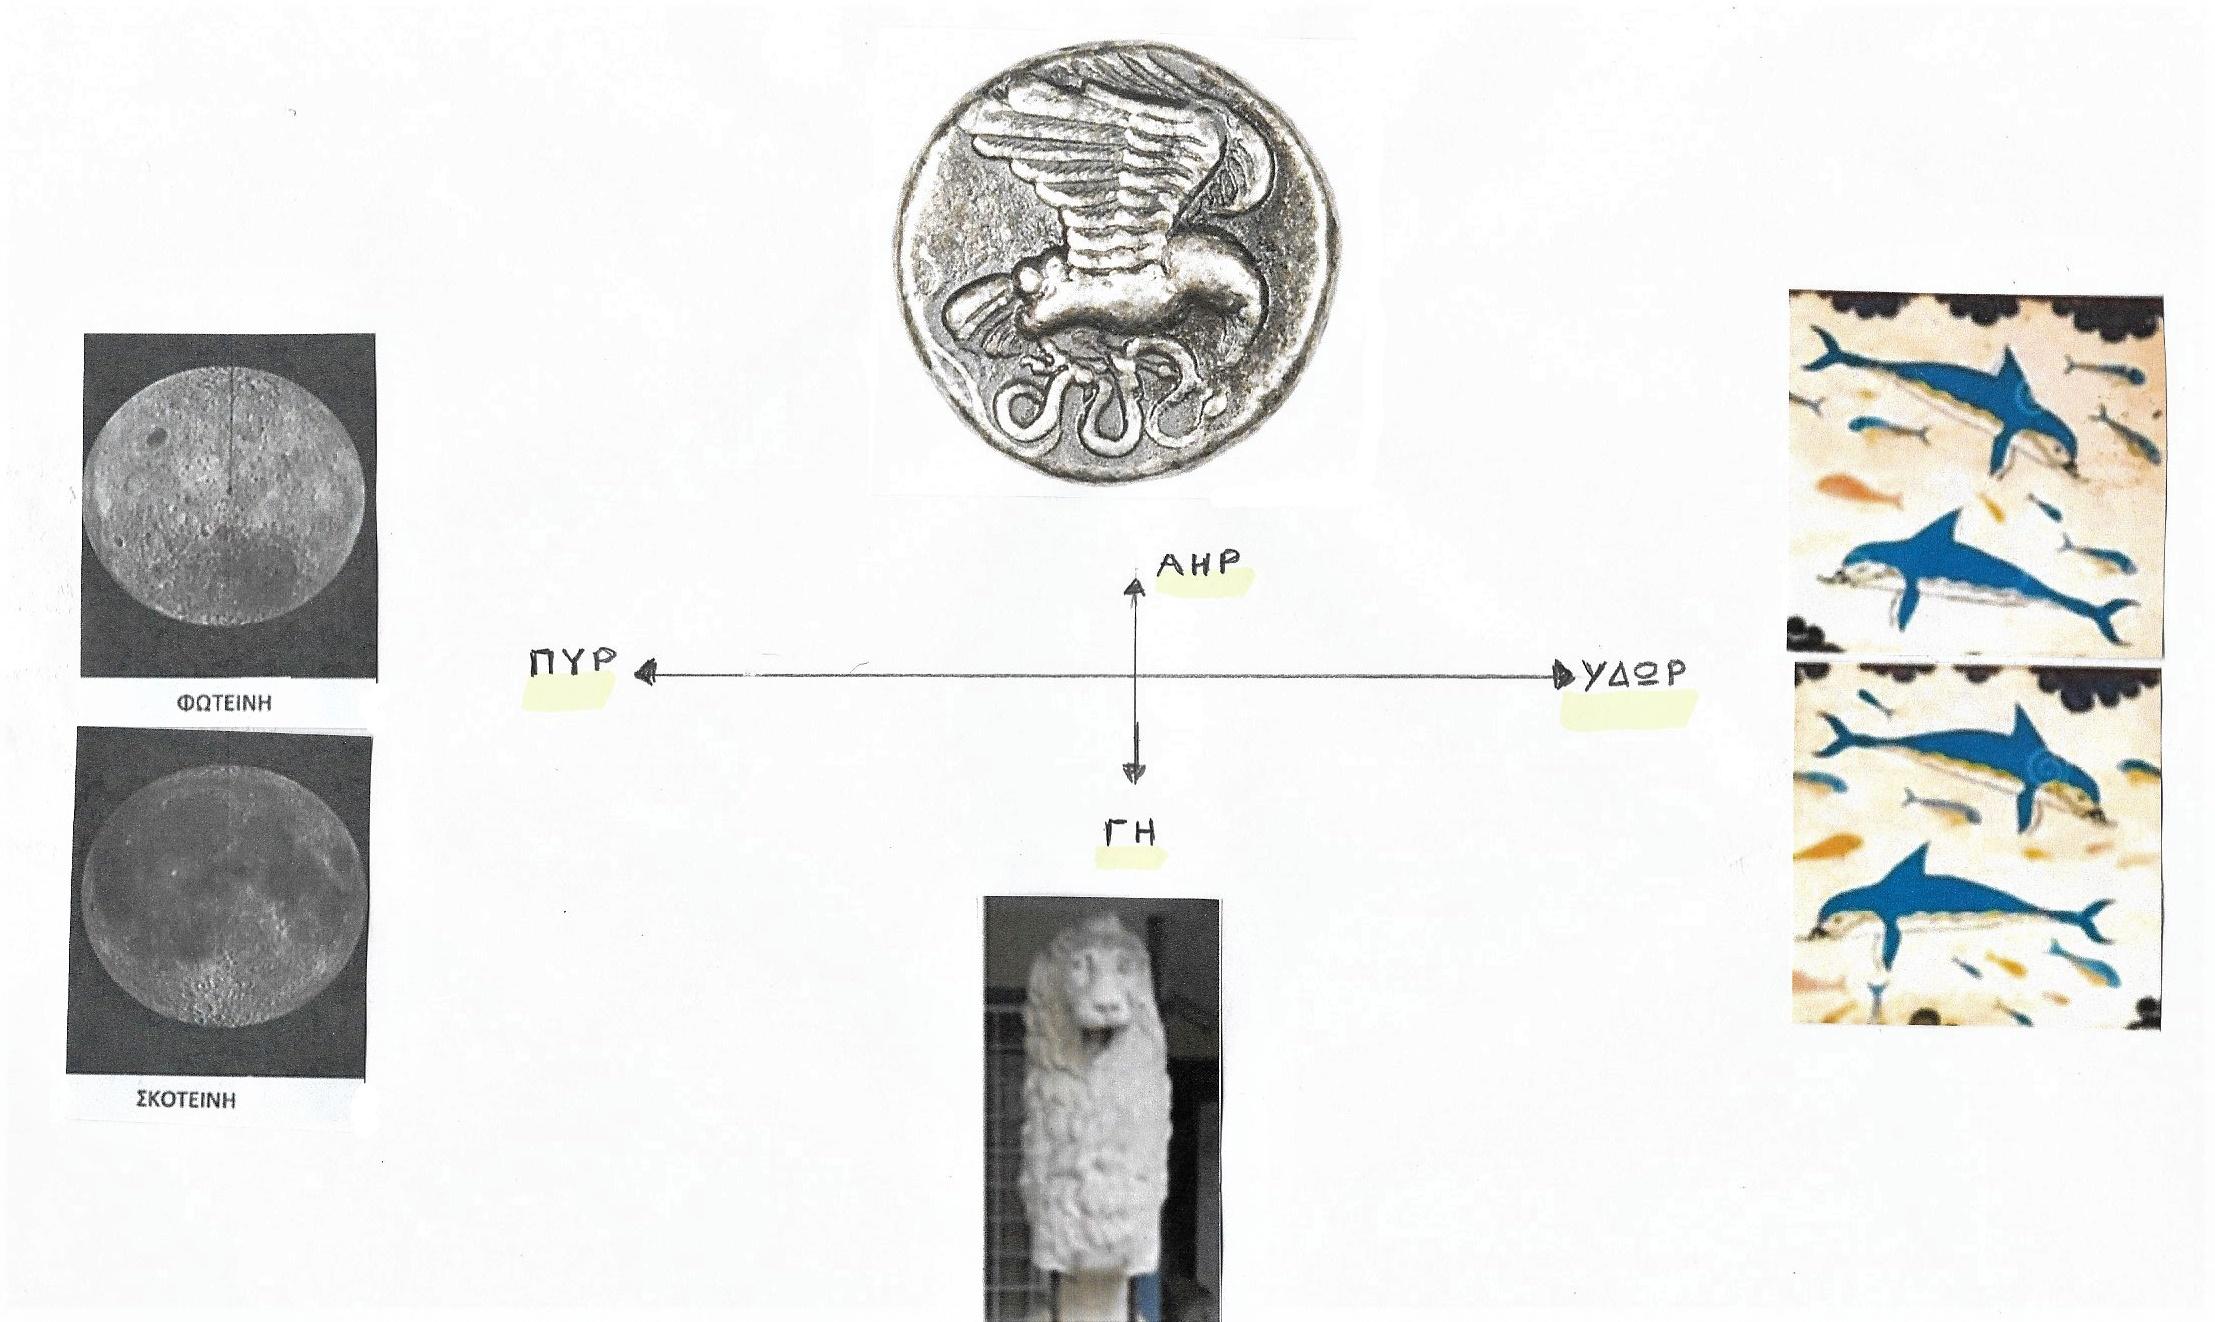 InkedΣάρωση_20200508 (3)_LI